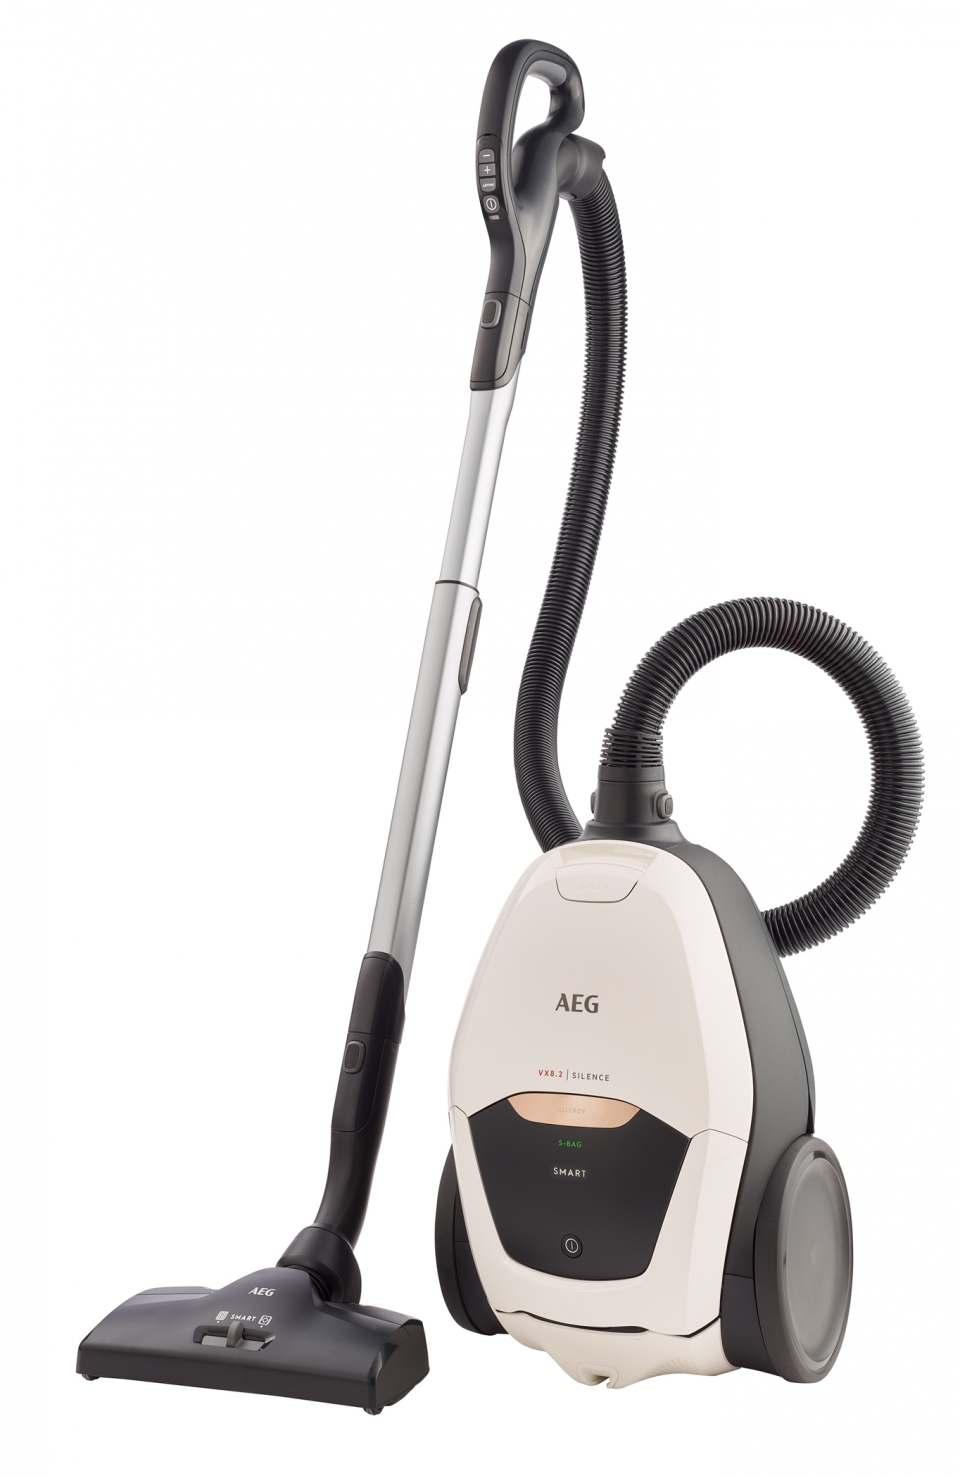 AEG Staubsauger VX8.2 Allergy mit waschbarem Allergy Plus Filter.